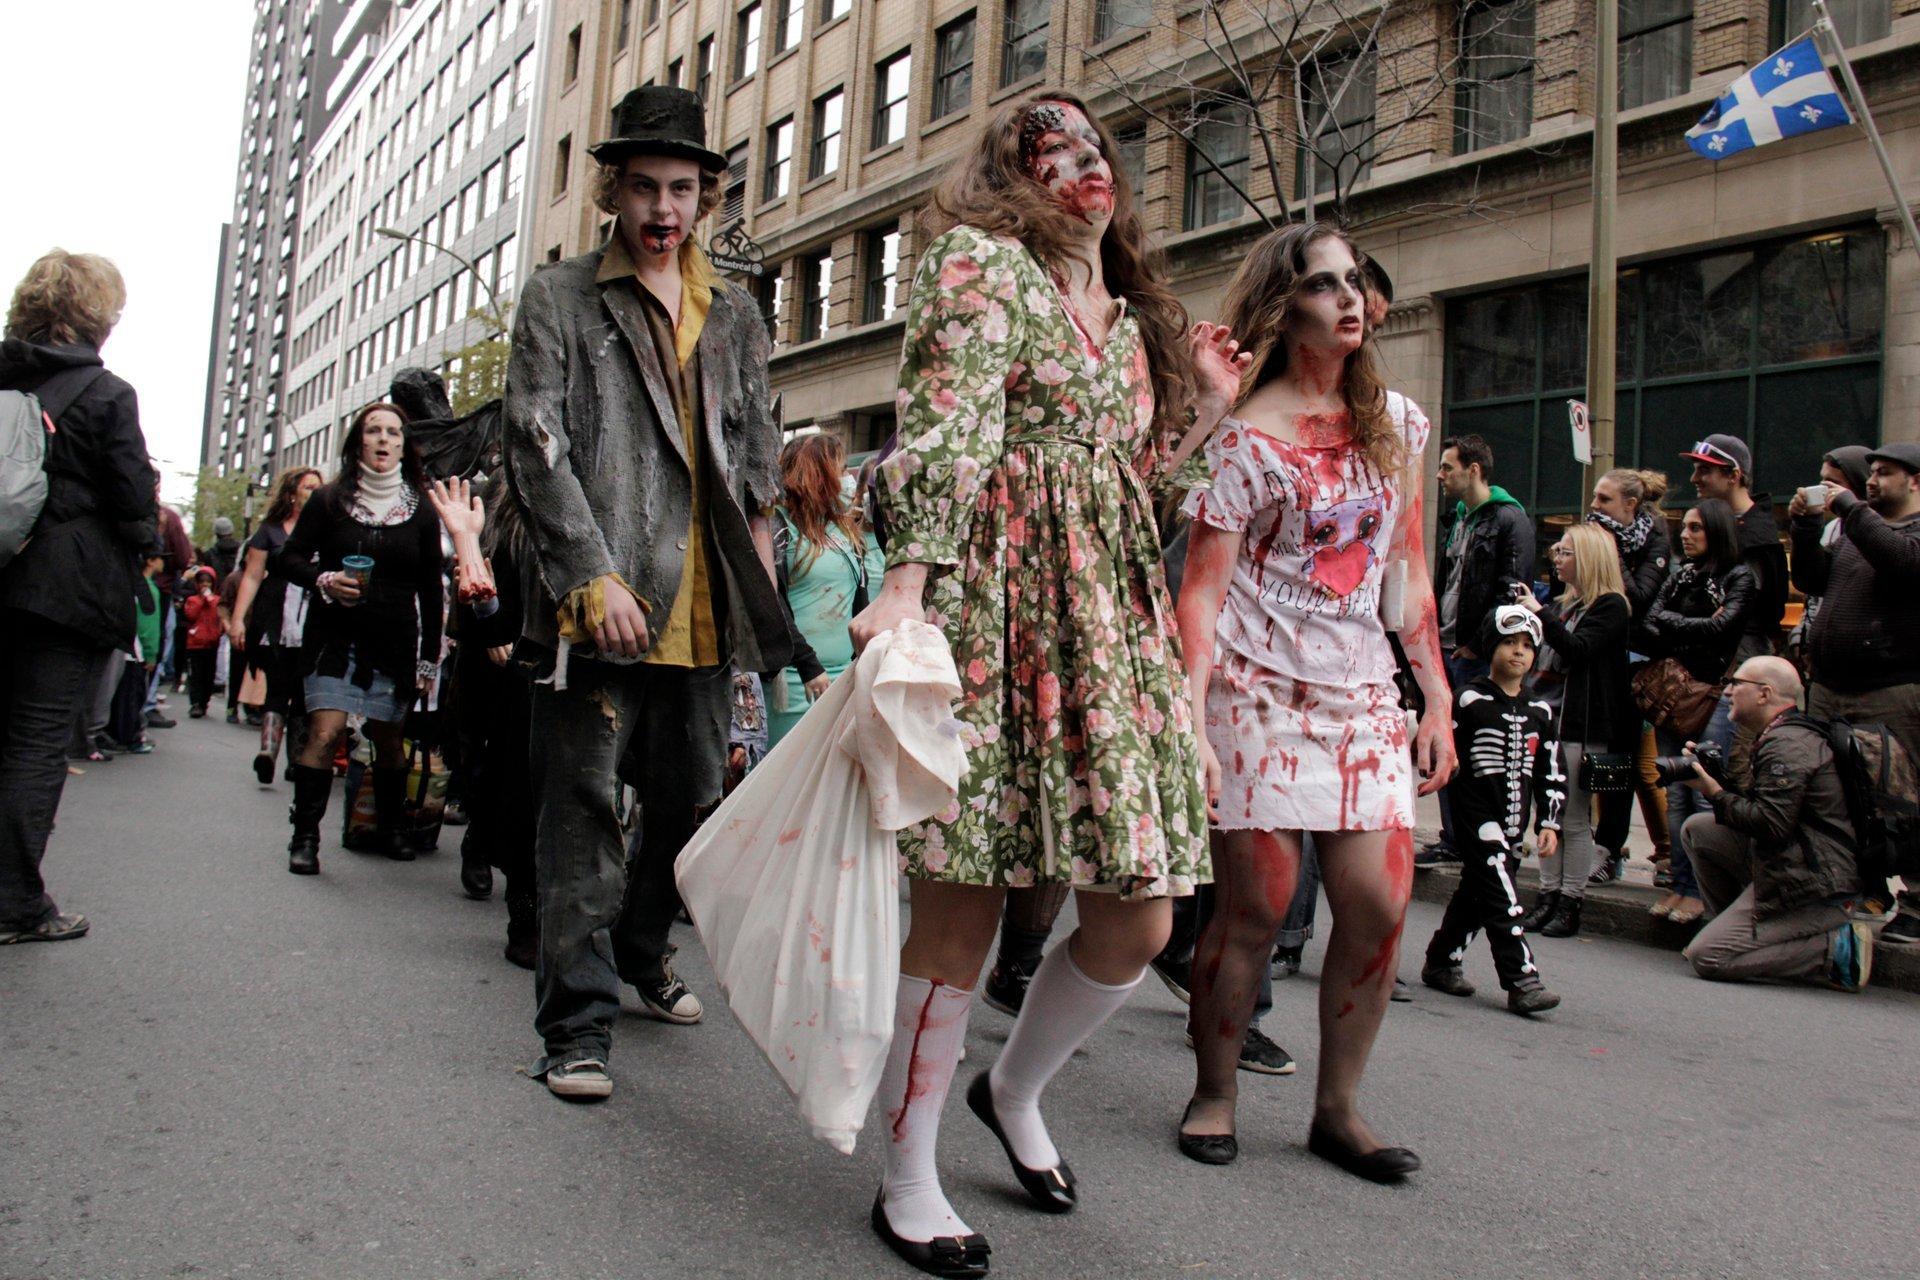 Halloween in Montreal - Best Season 2020